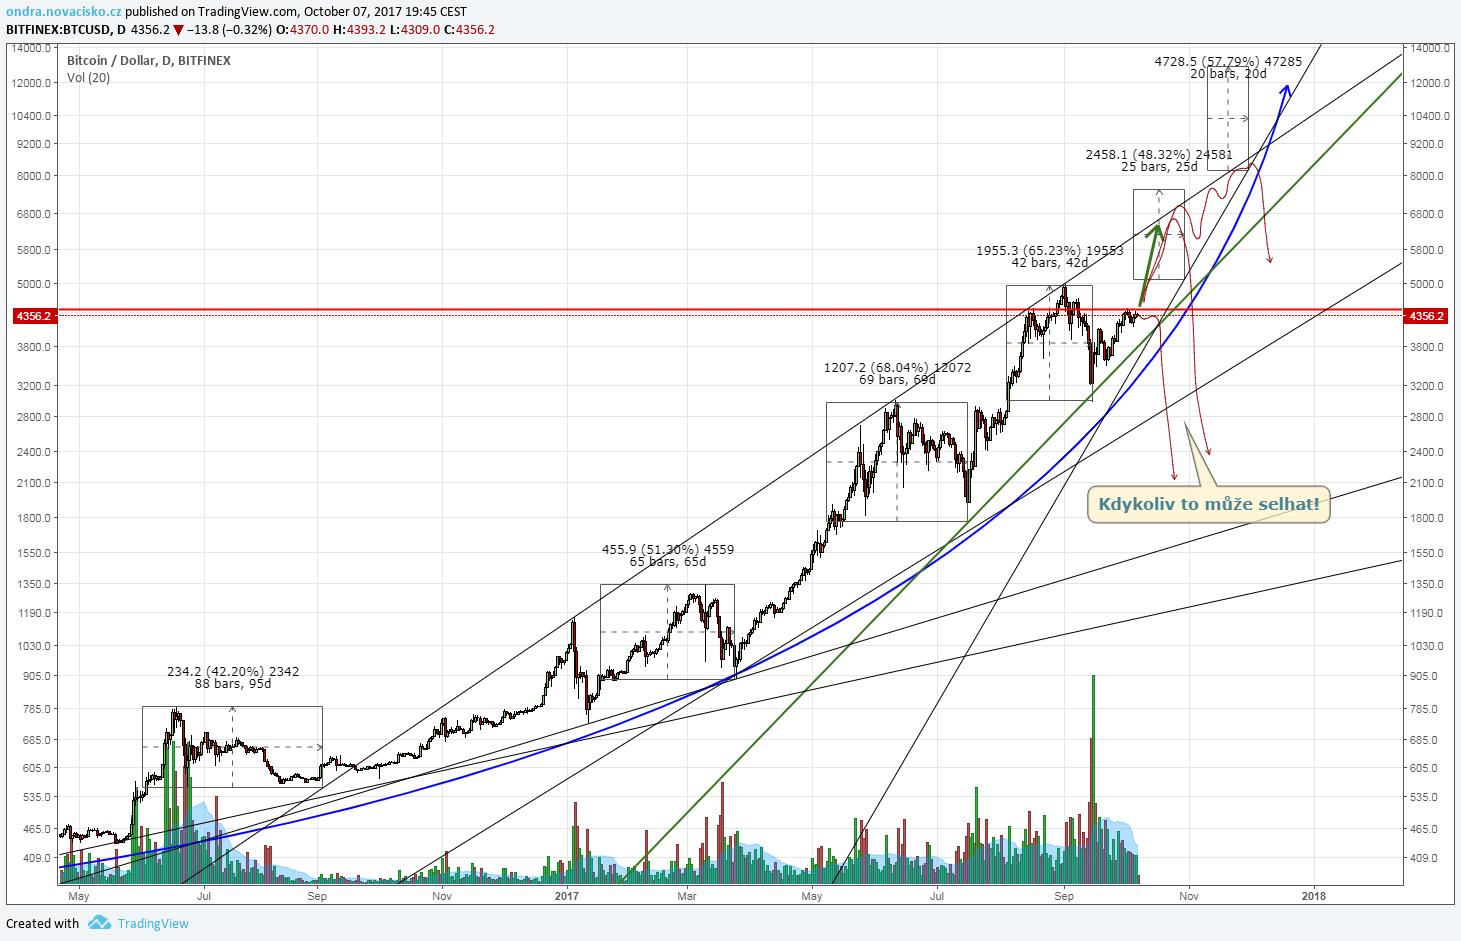 Cena bitcoinu analýza říjen 2017